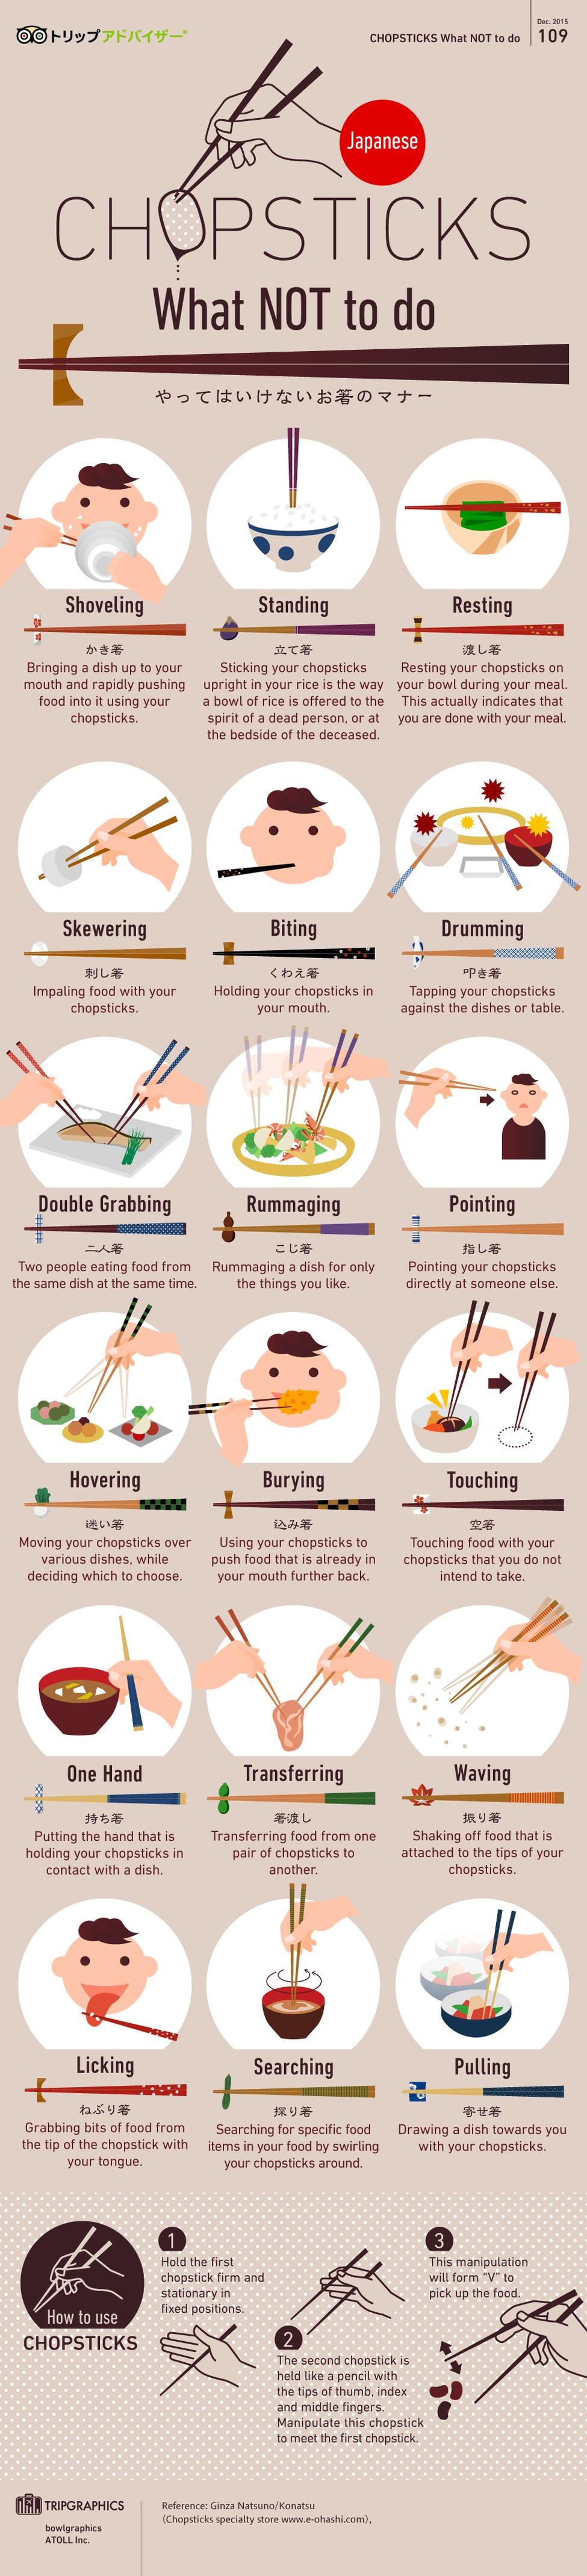 インフォグラフィック:箸の正しい持ち方とマナー。箸食文化は世界の3割を占める